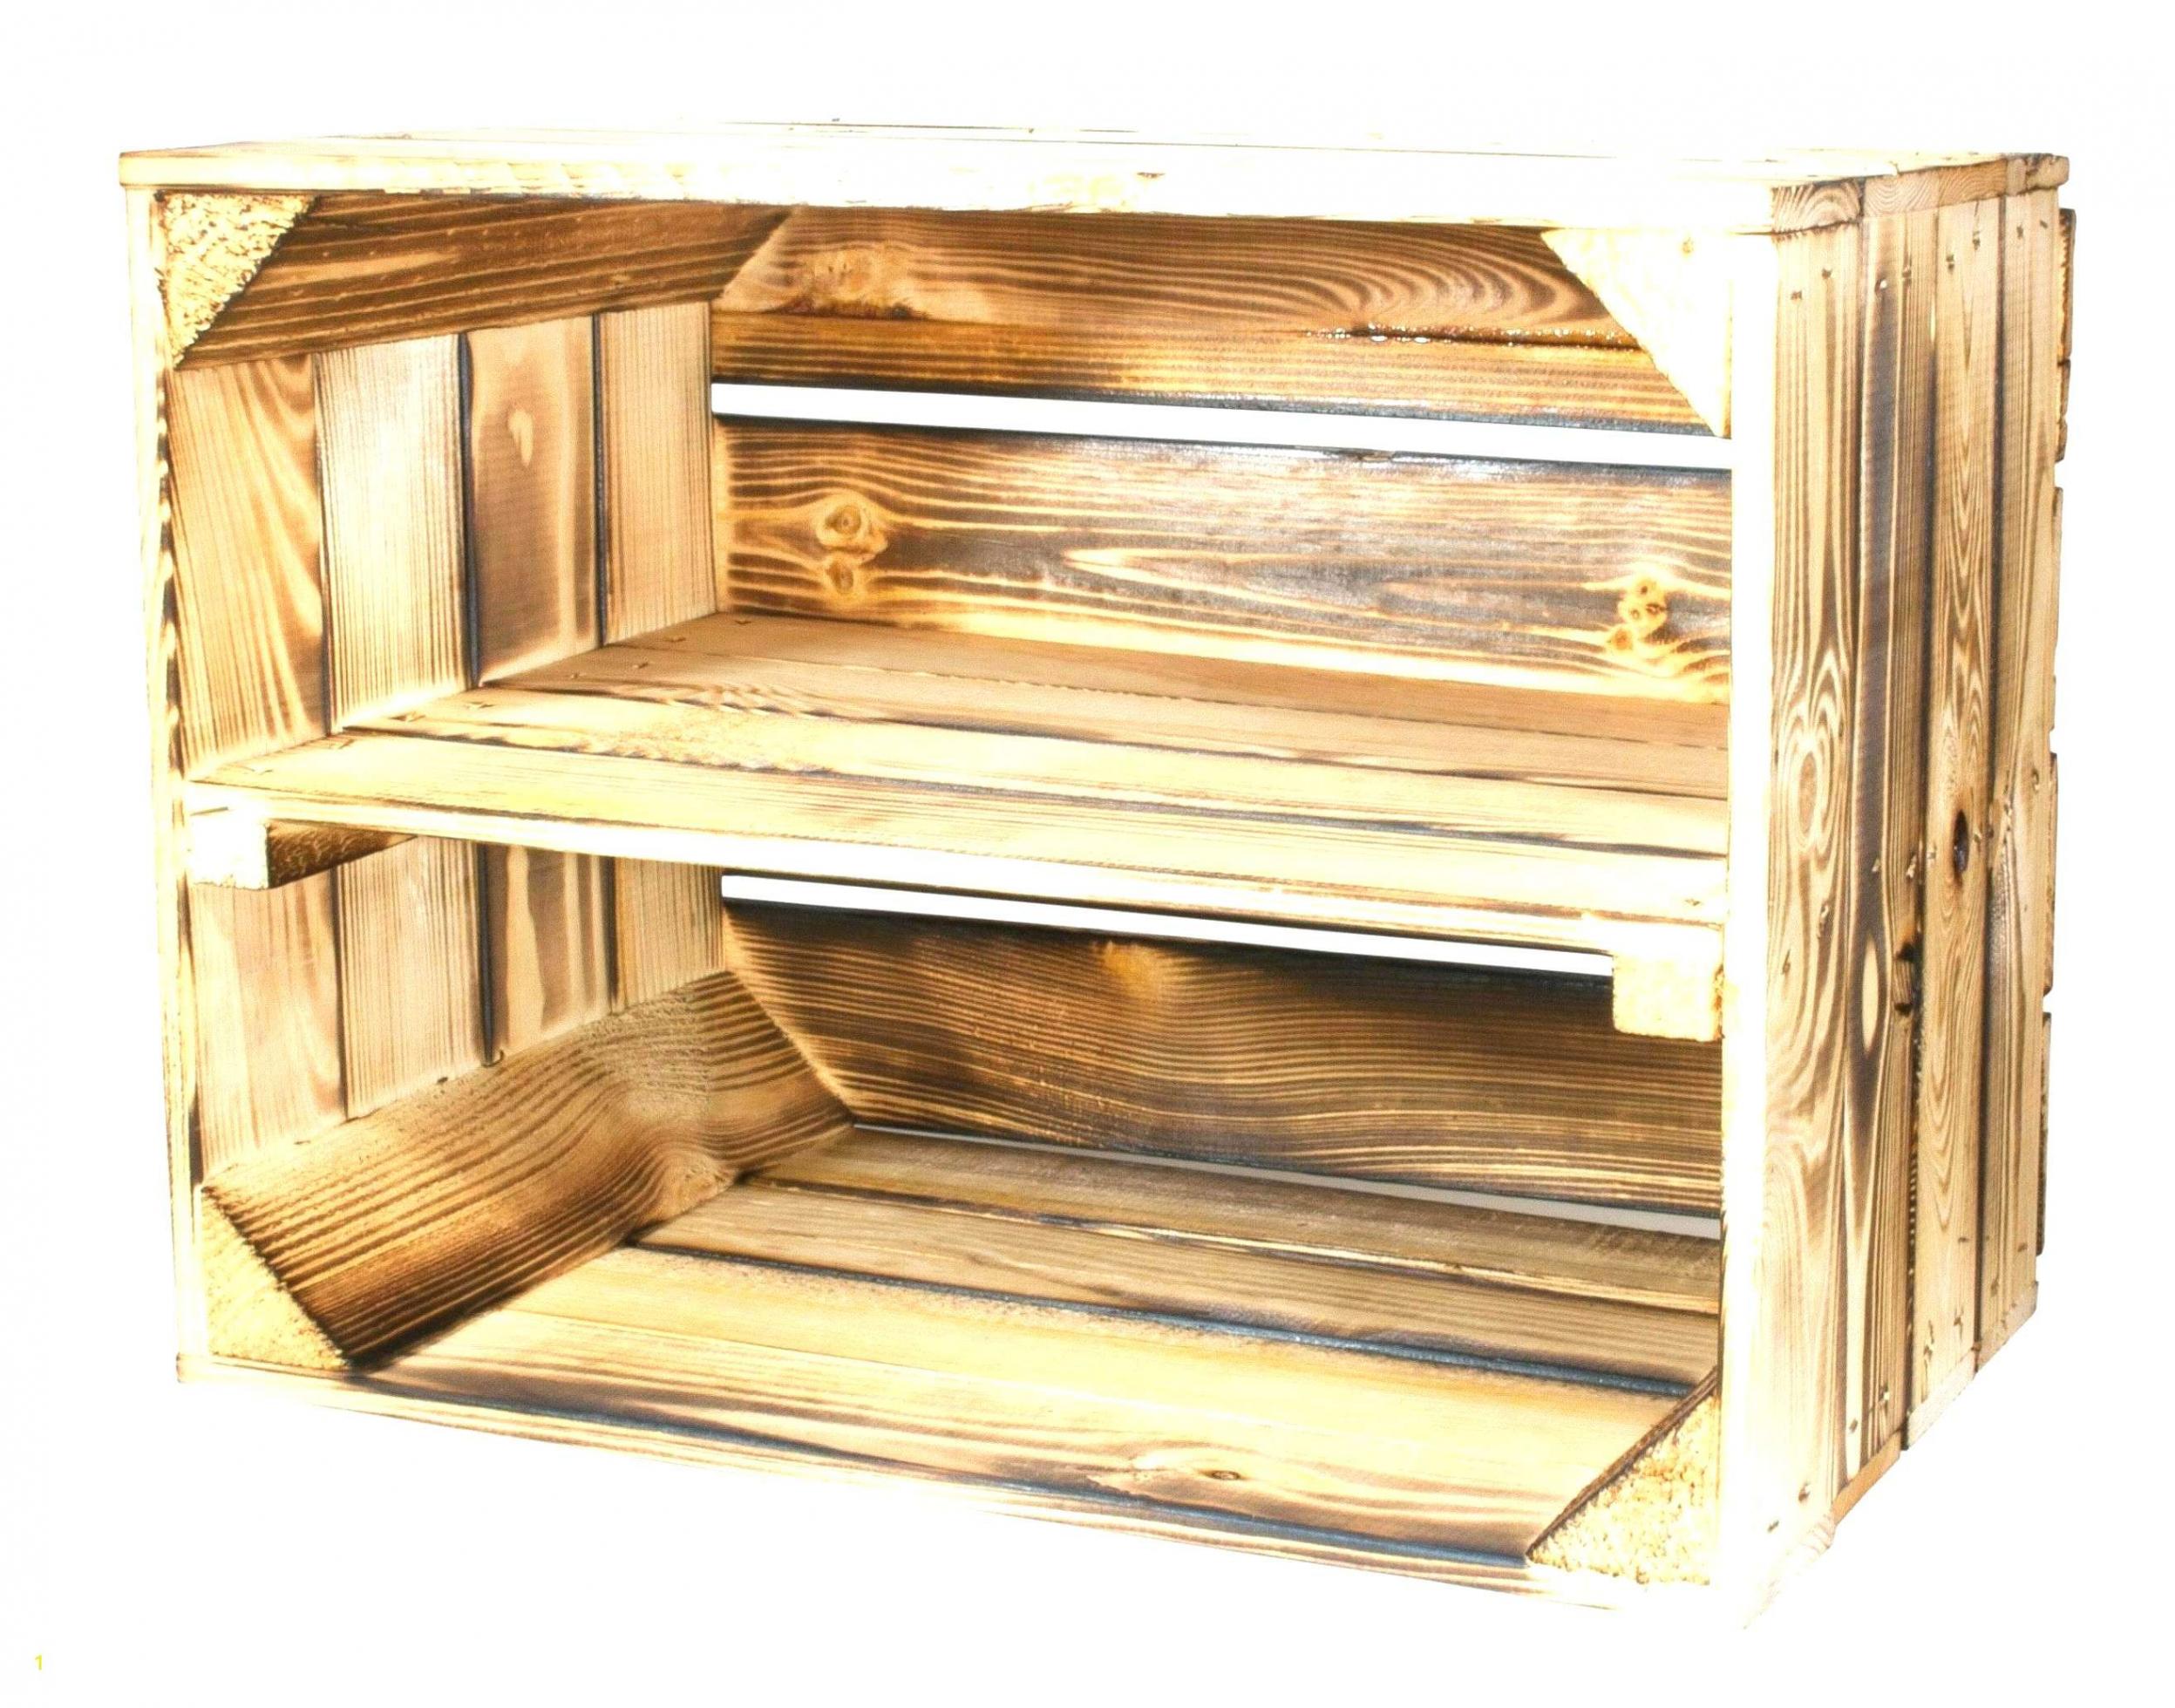 wandregal aus paletten neu regal multiplex 0d archives design ideen regal aus weinkisten bauen regal aus weinkisten bauen